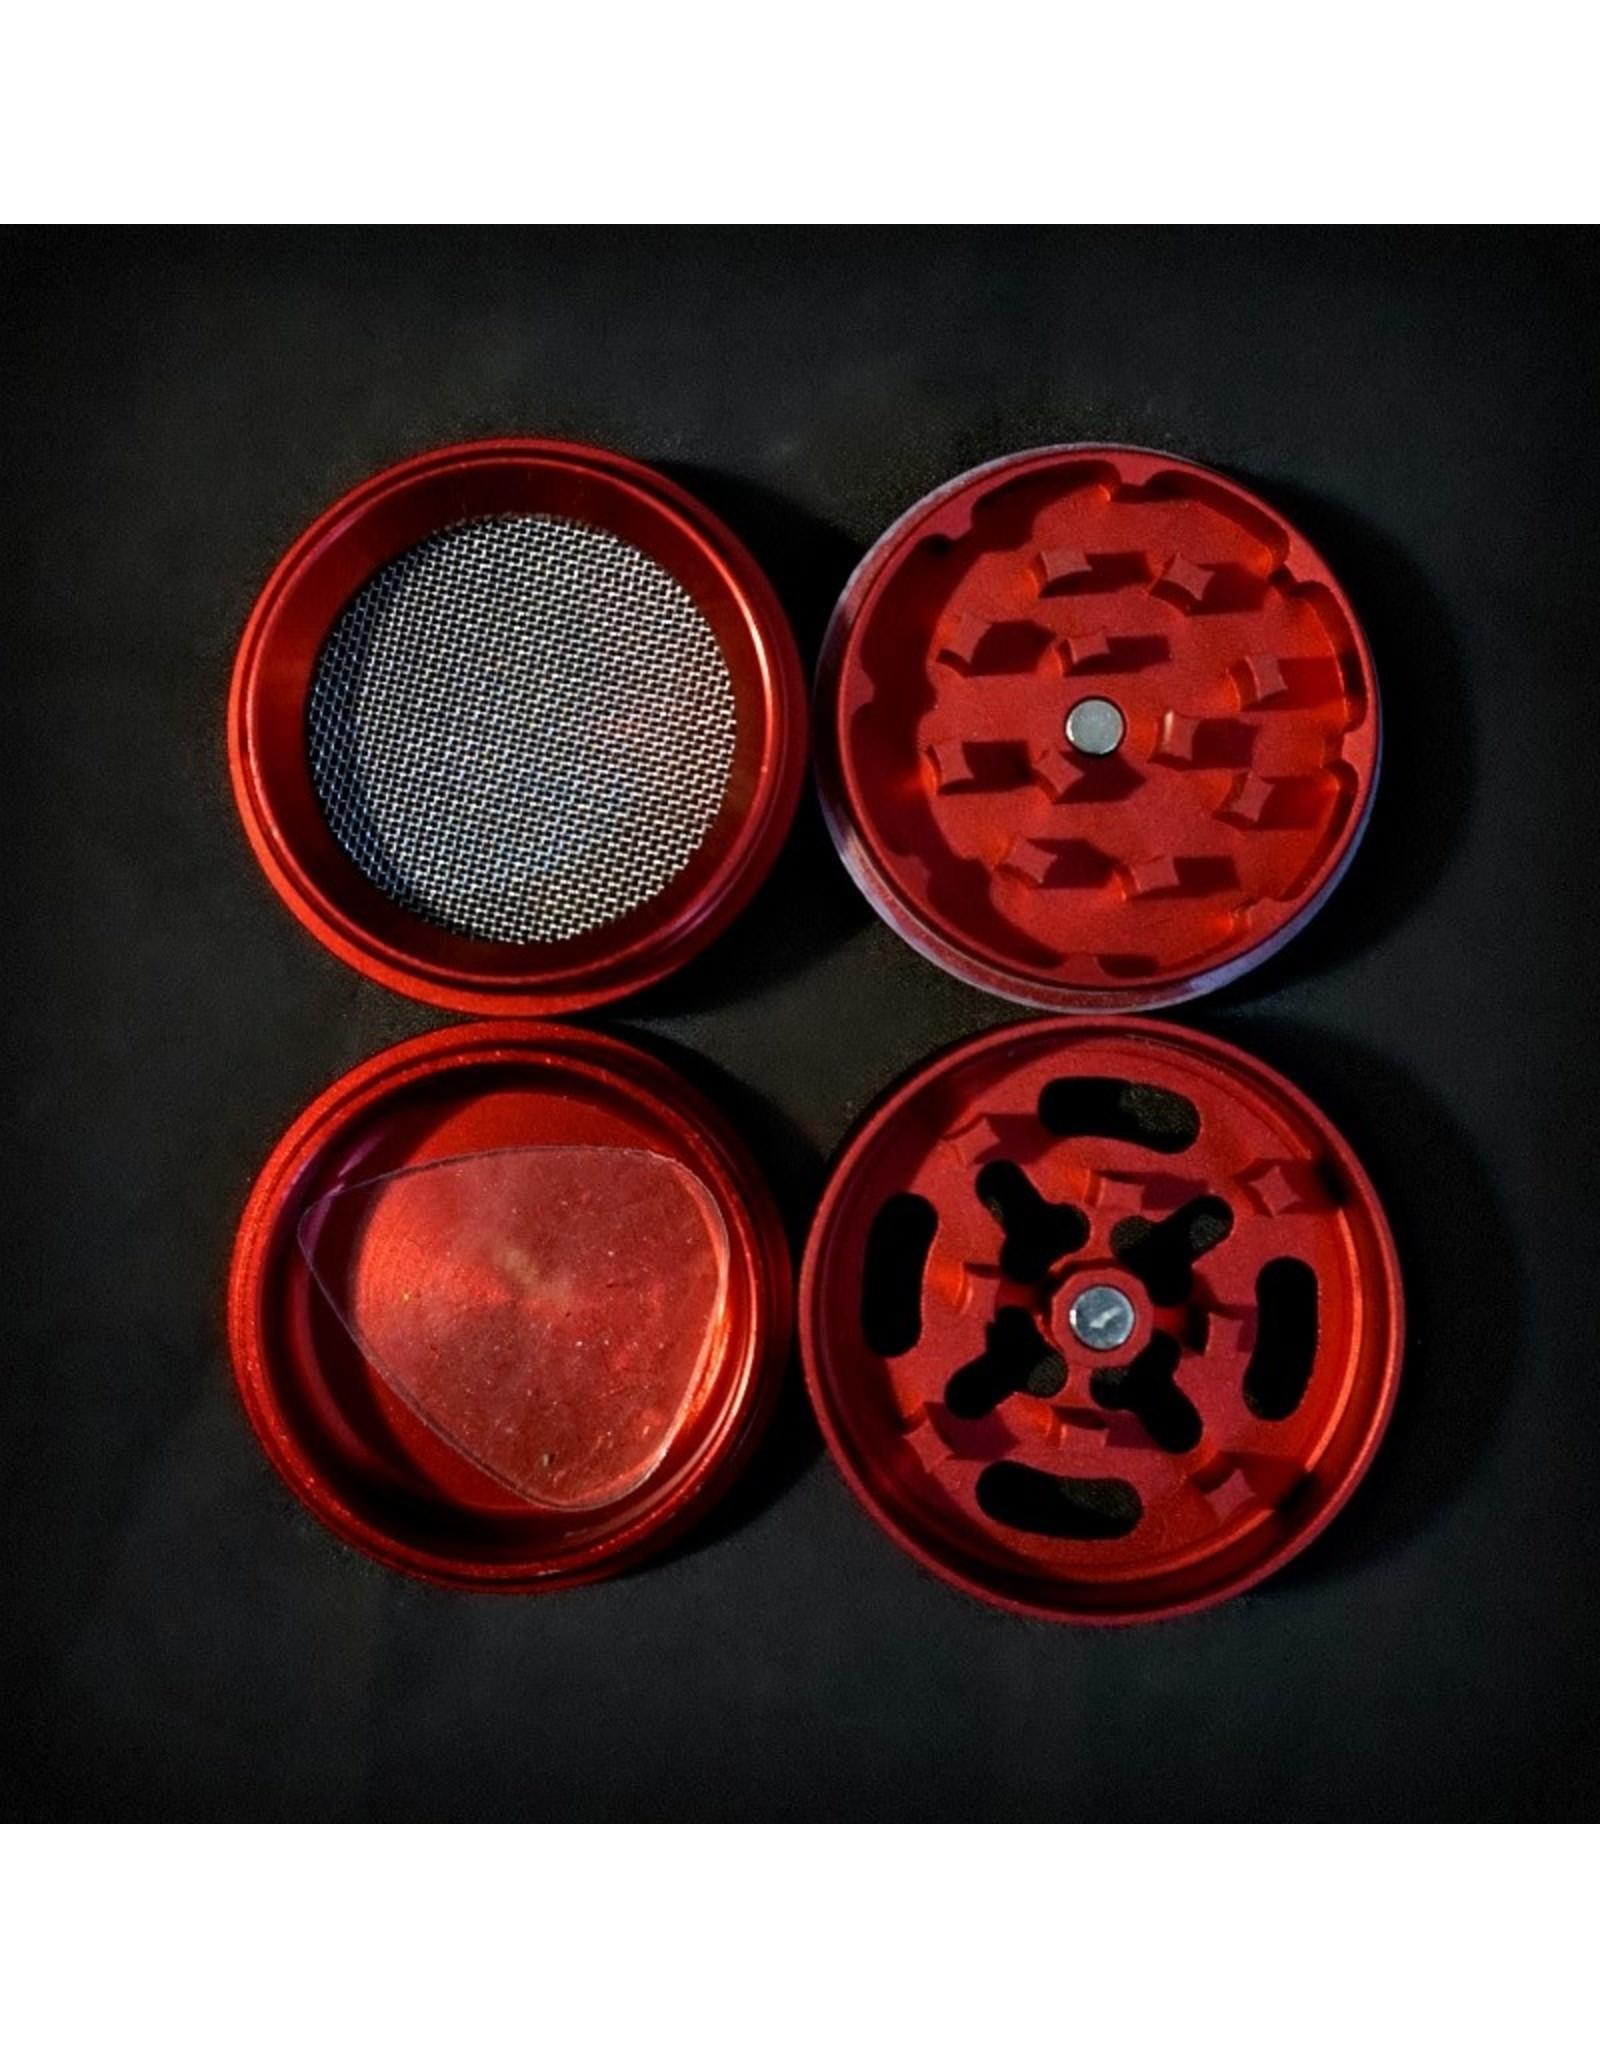 Medicali Medicali Grinder Sm 4pc Red